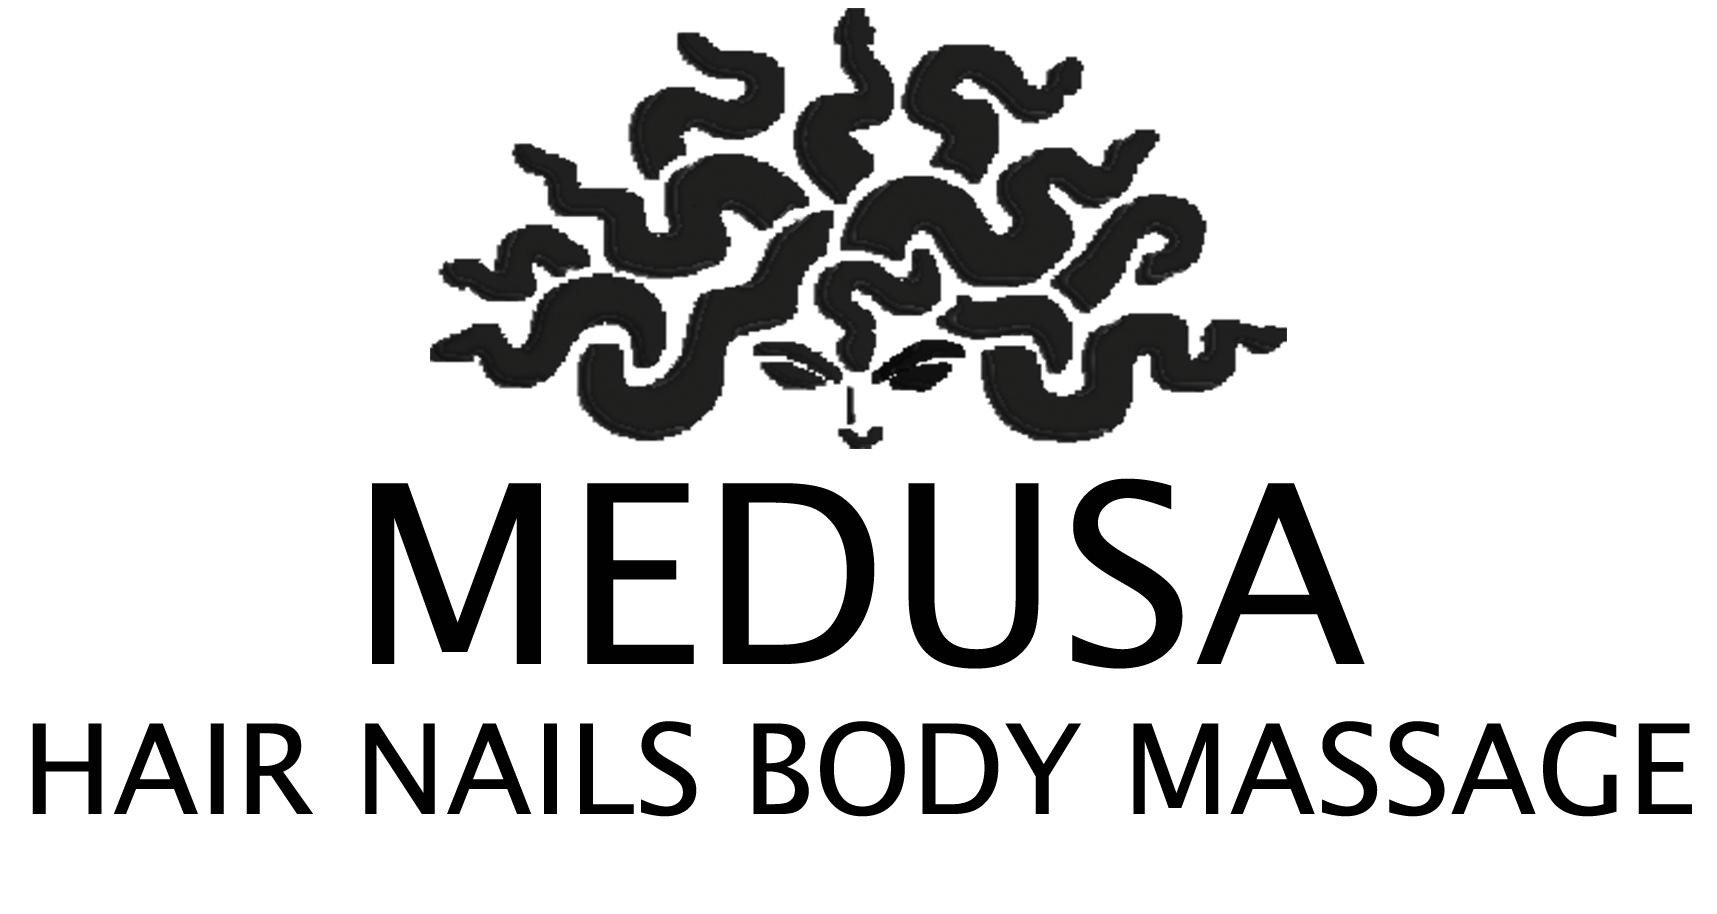 medusa-logo-s